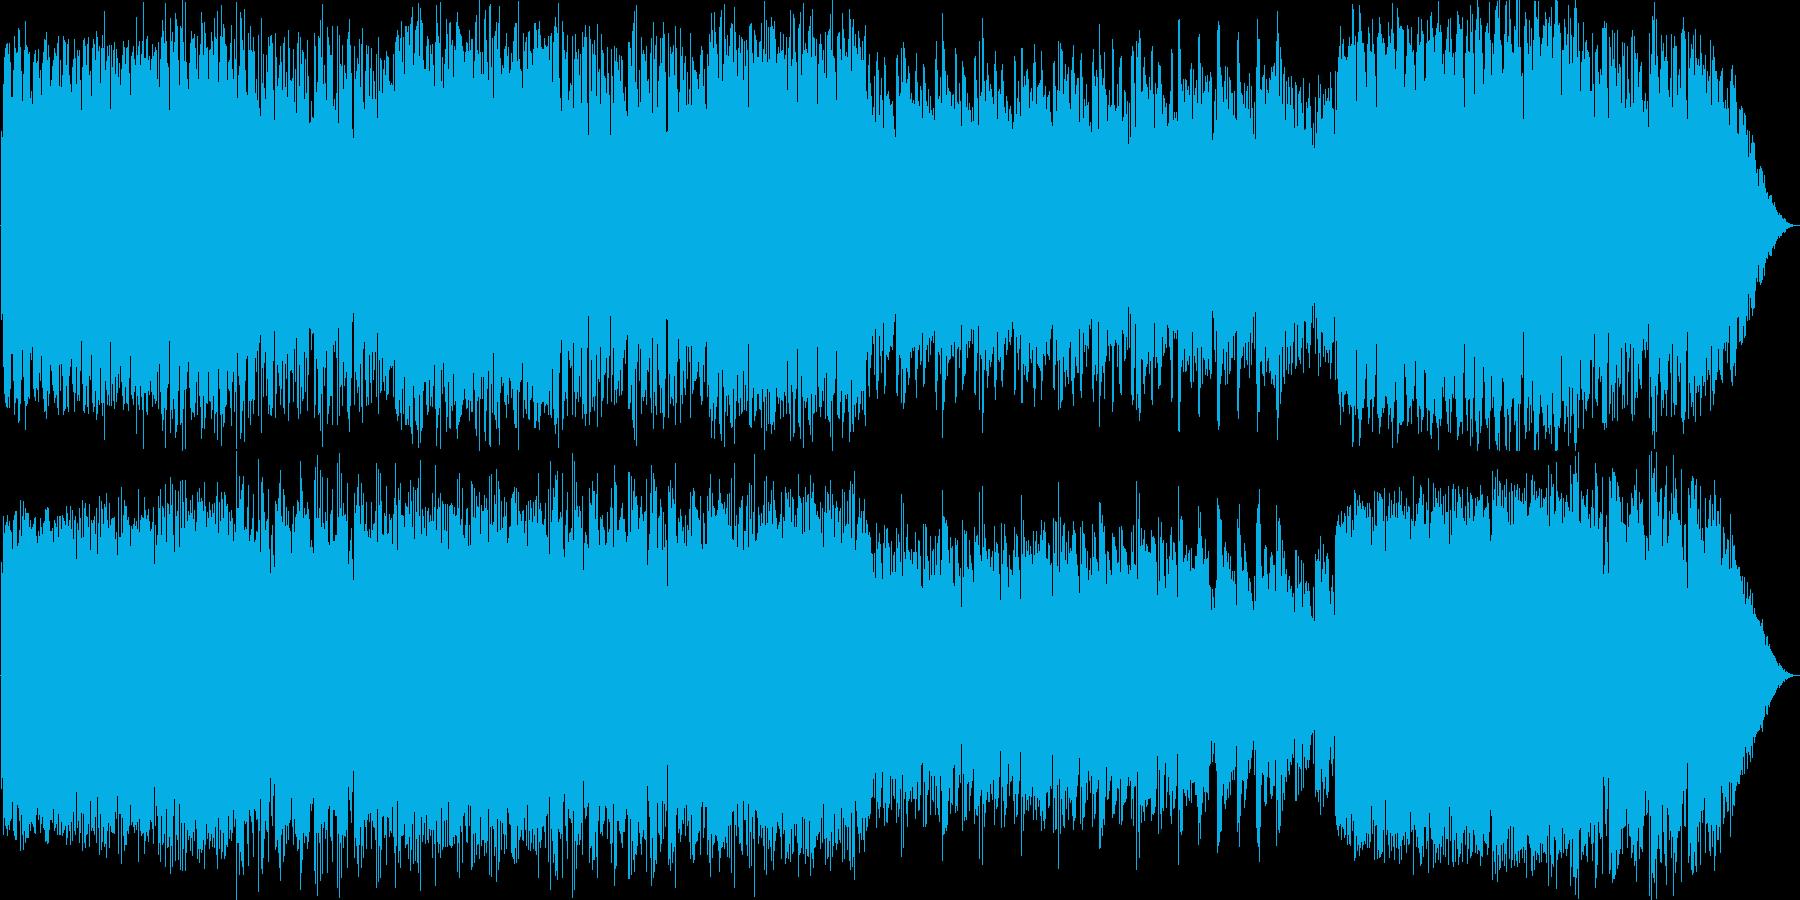 つつじの並木道をイメージして作りましたの再生済みの波形